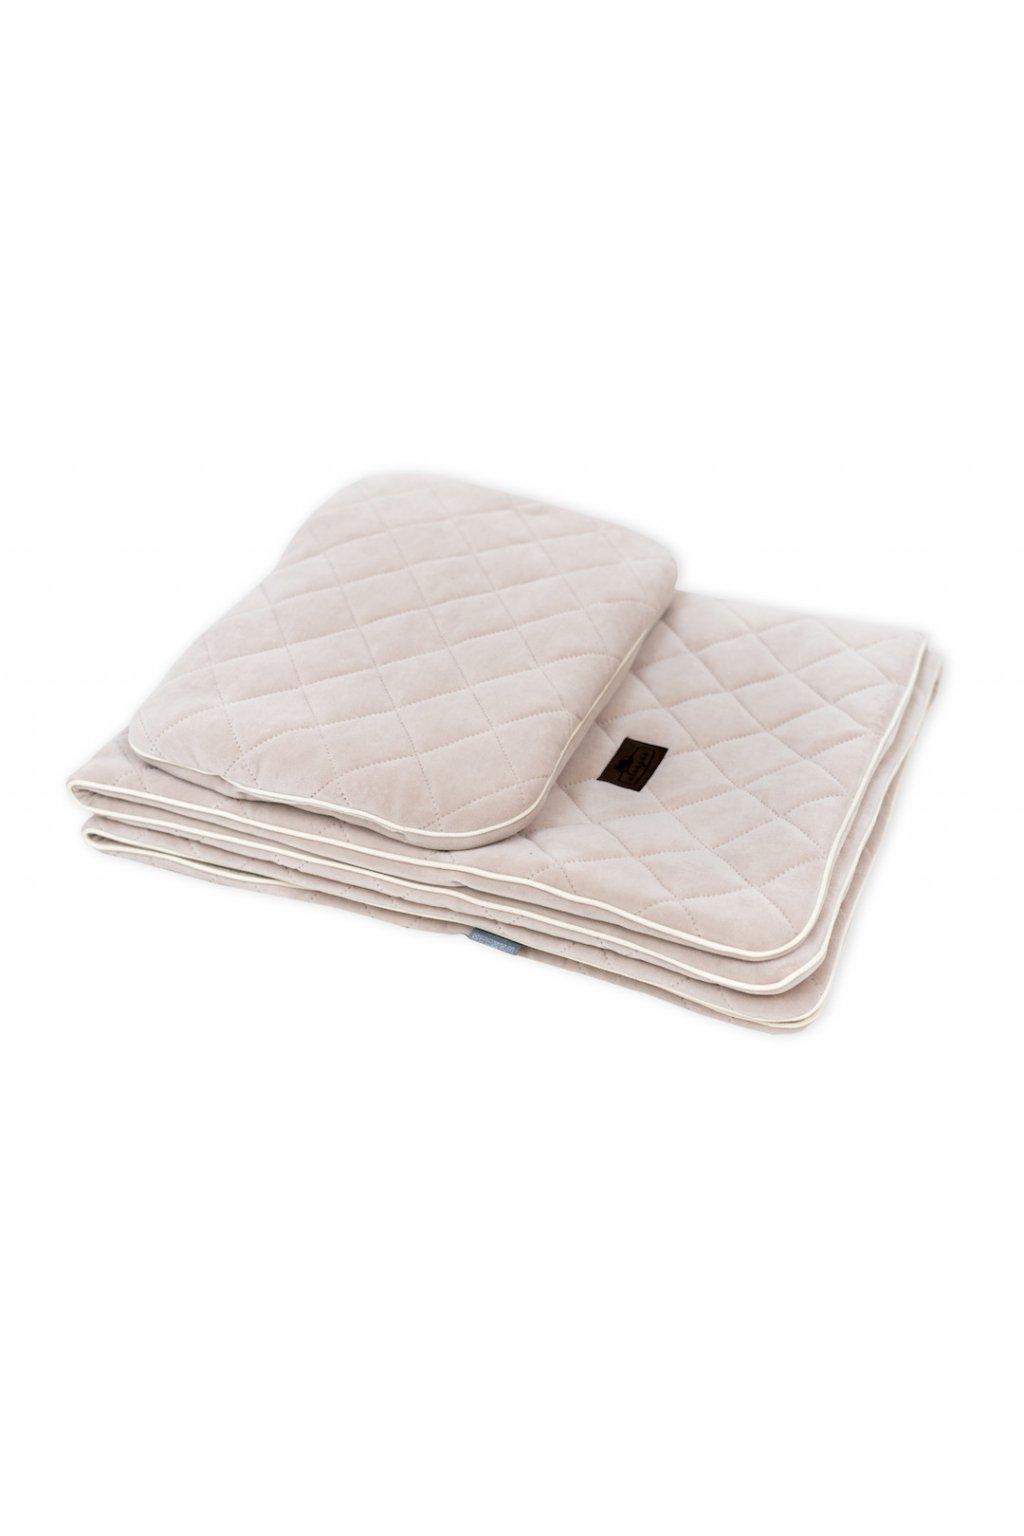 Sleepee Royal Baby Set pískový - sametová deka + polštářek